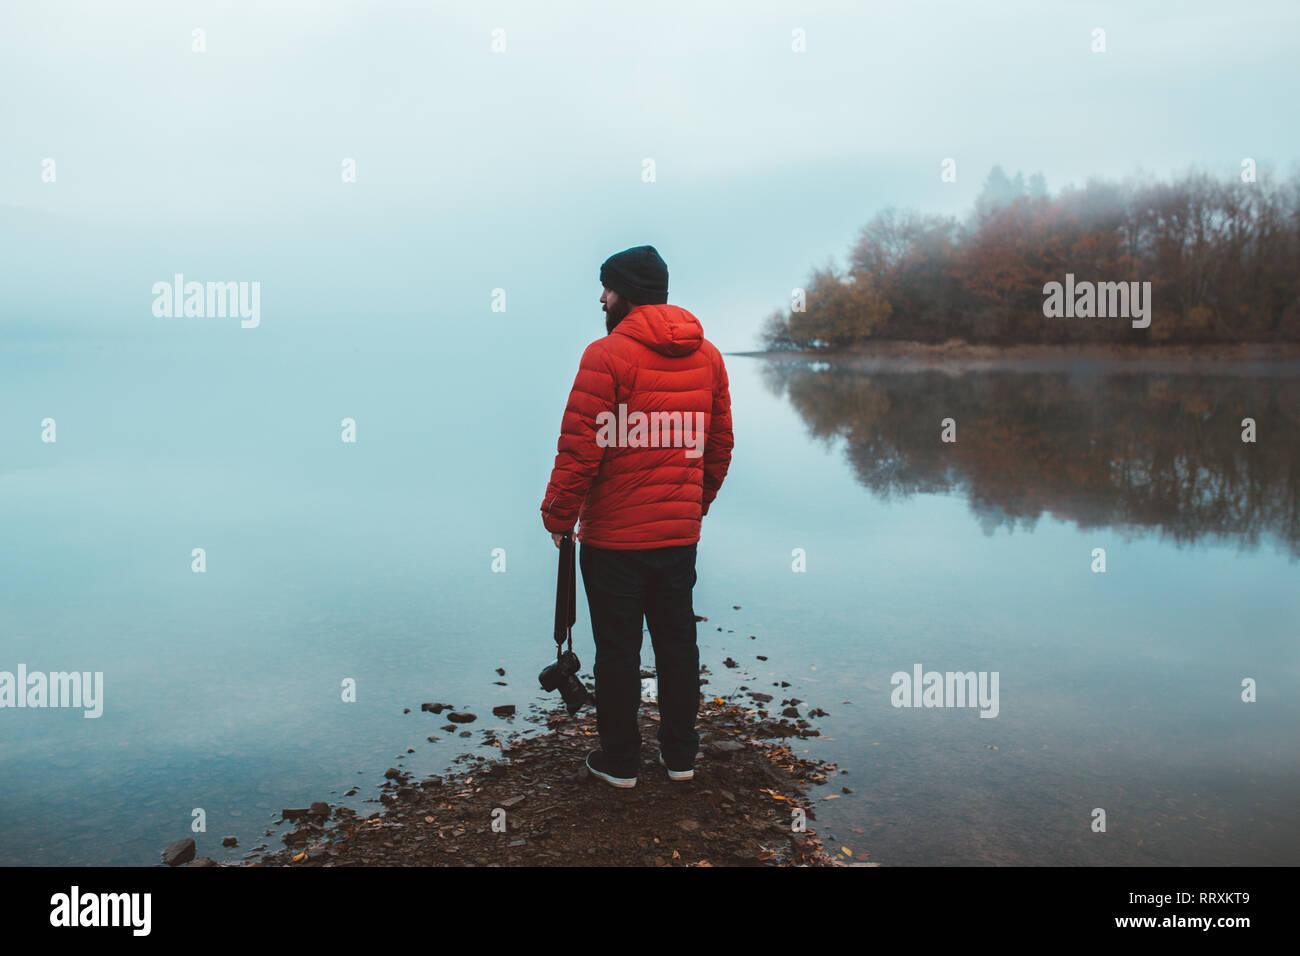 Touristische auf leeren See ufer im Nebel Stockbild